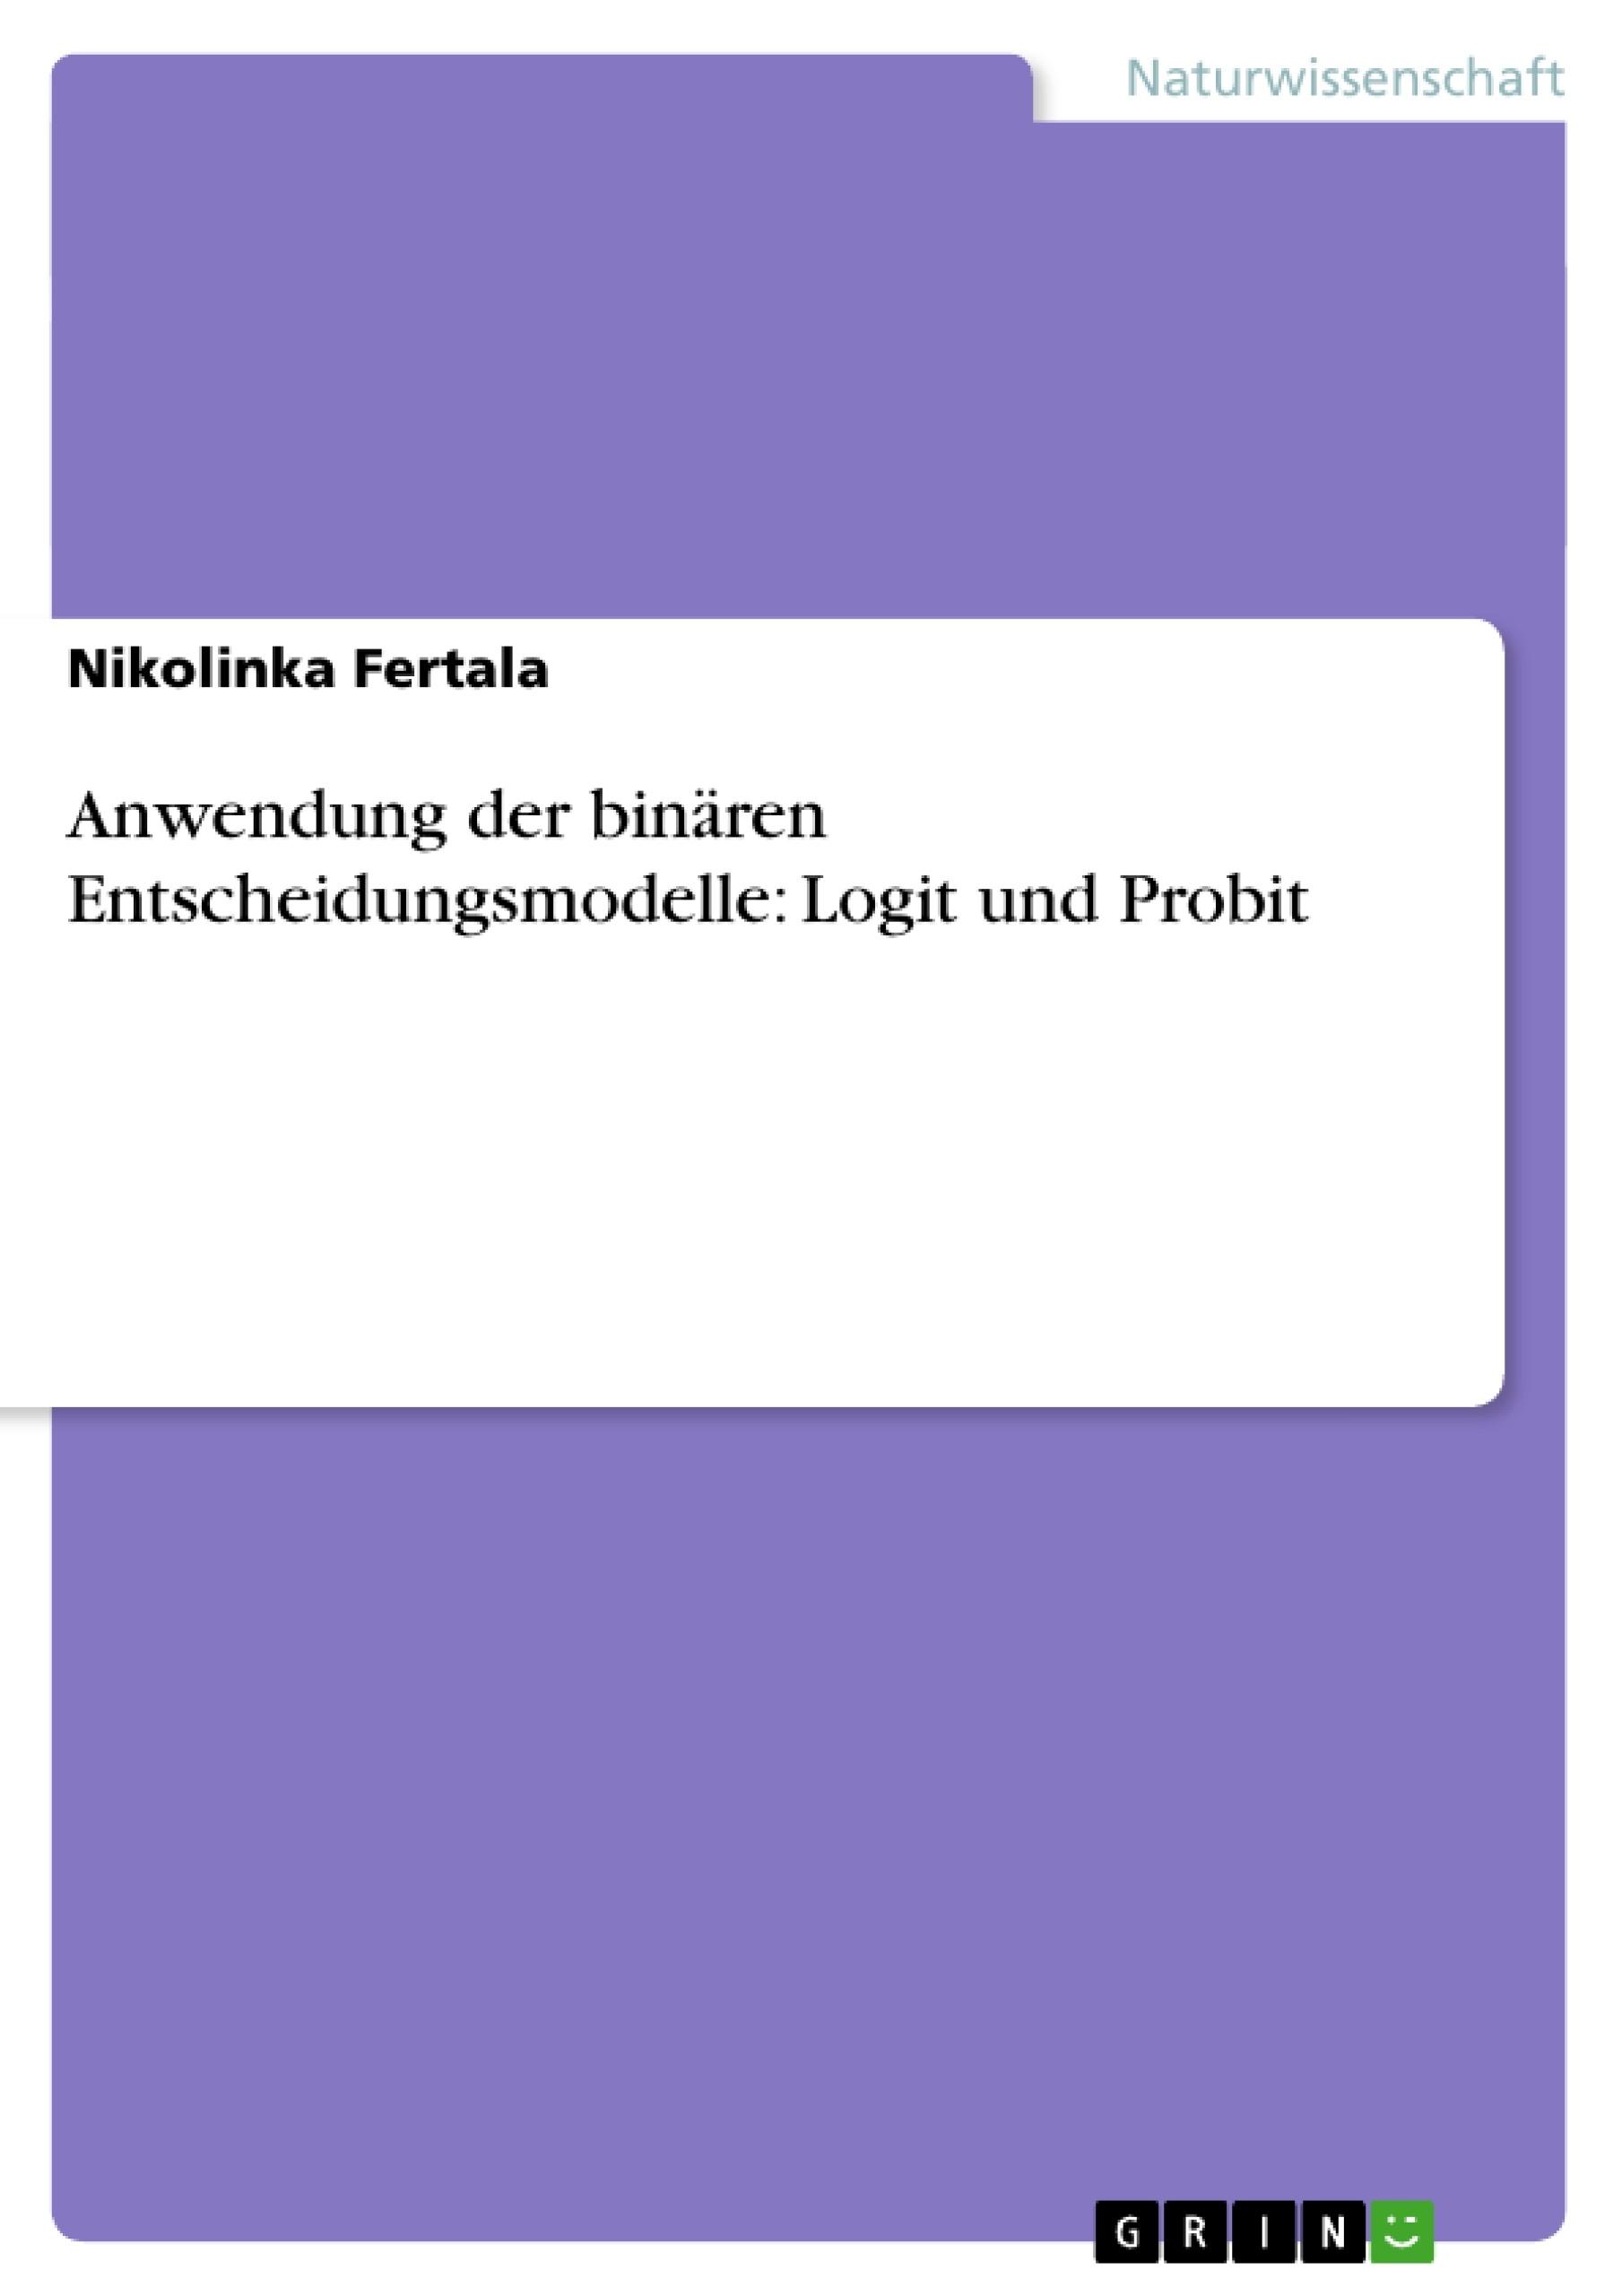 Titel: Anwendung der binären Entscheidungsmodelle: Logit und Probit